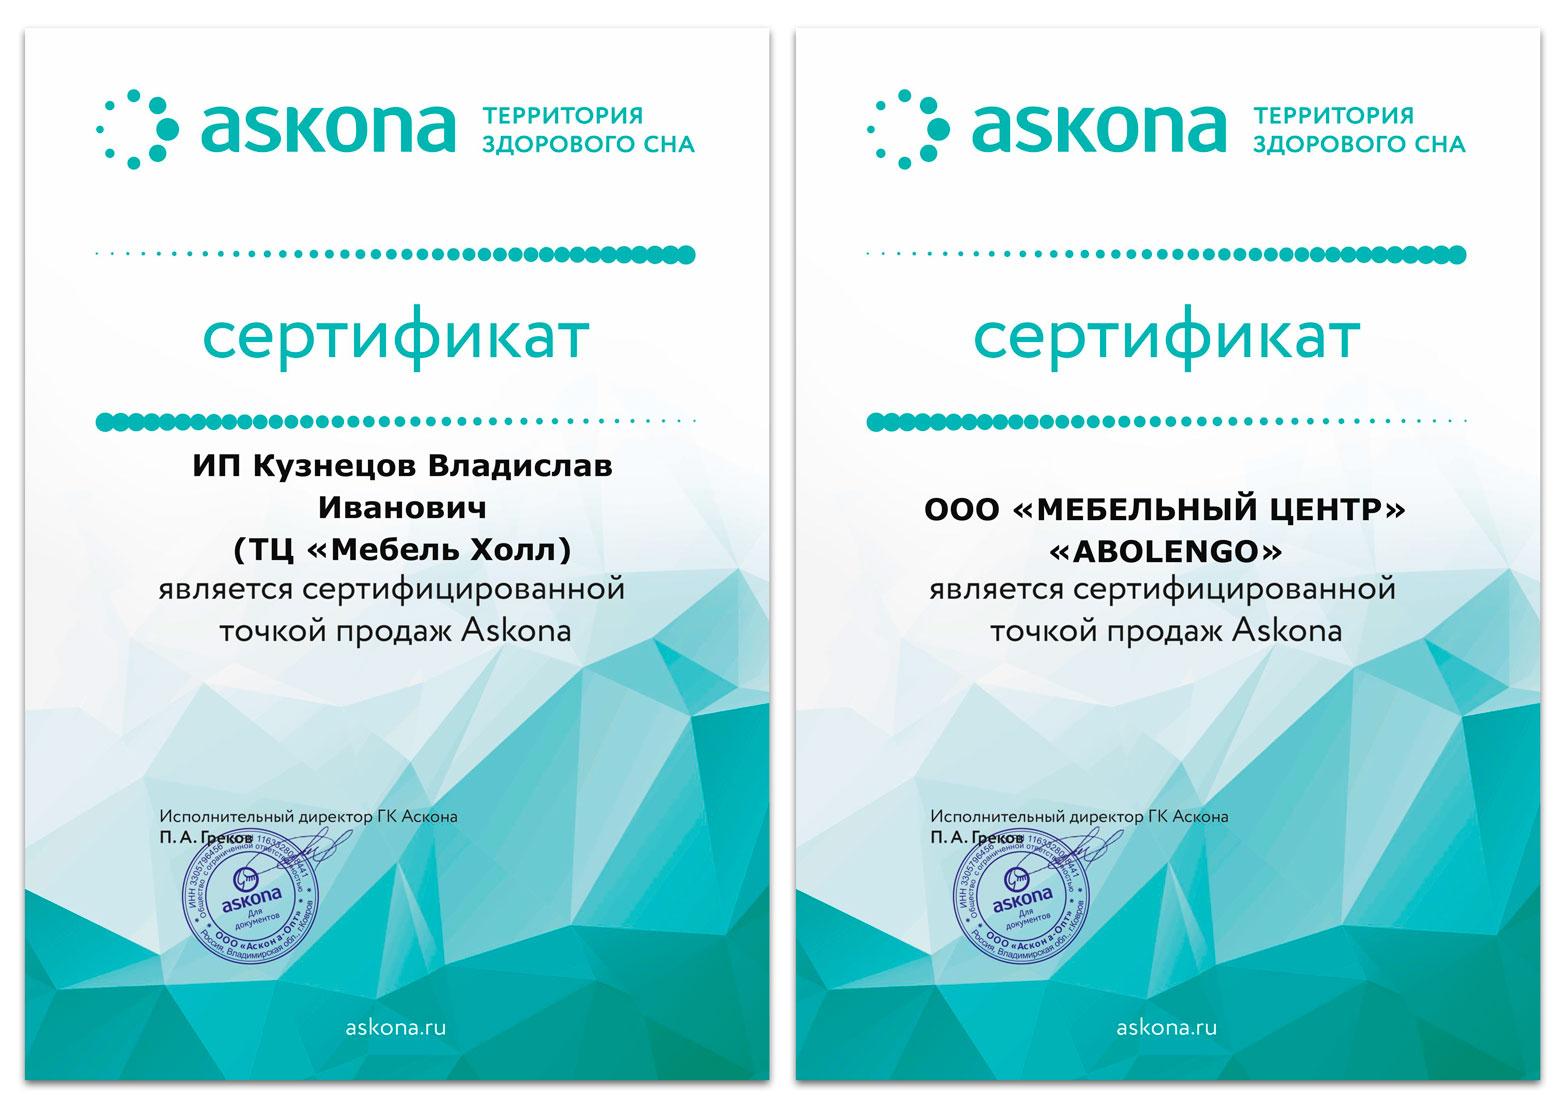 сертификаты аскона